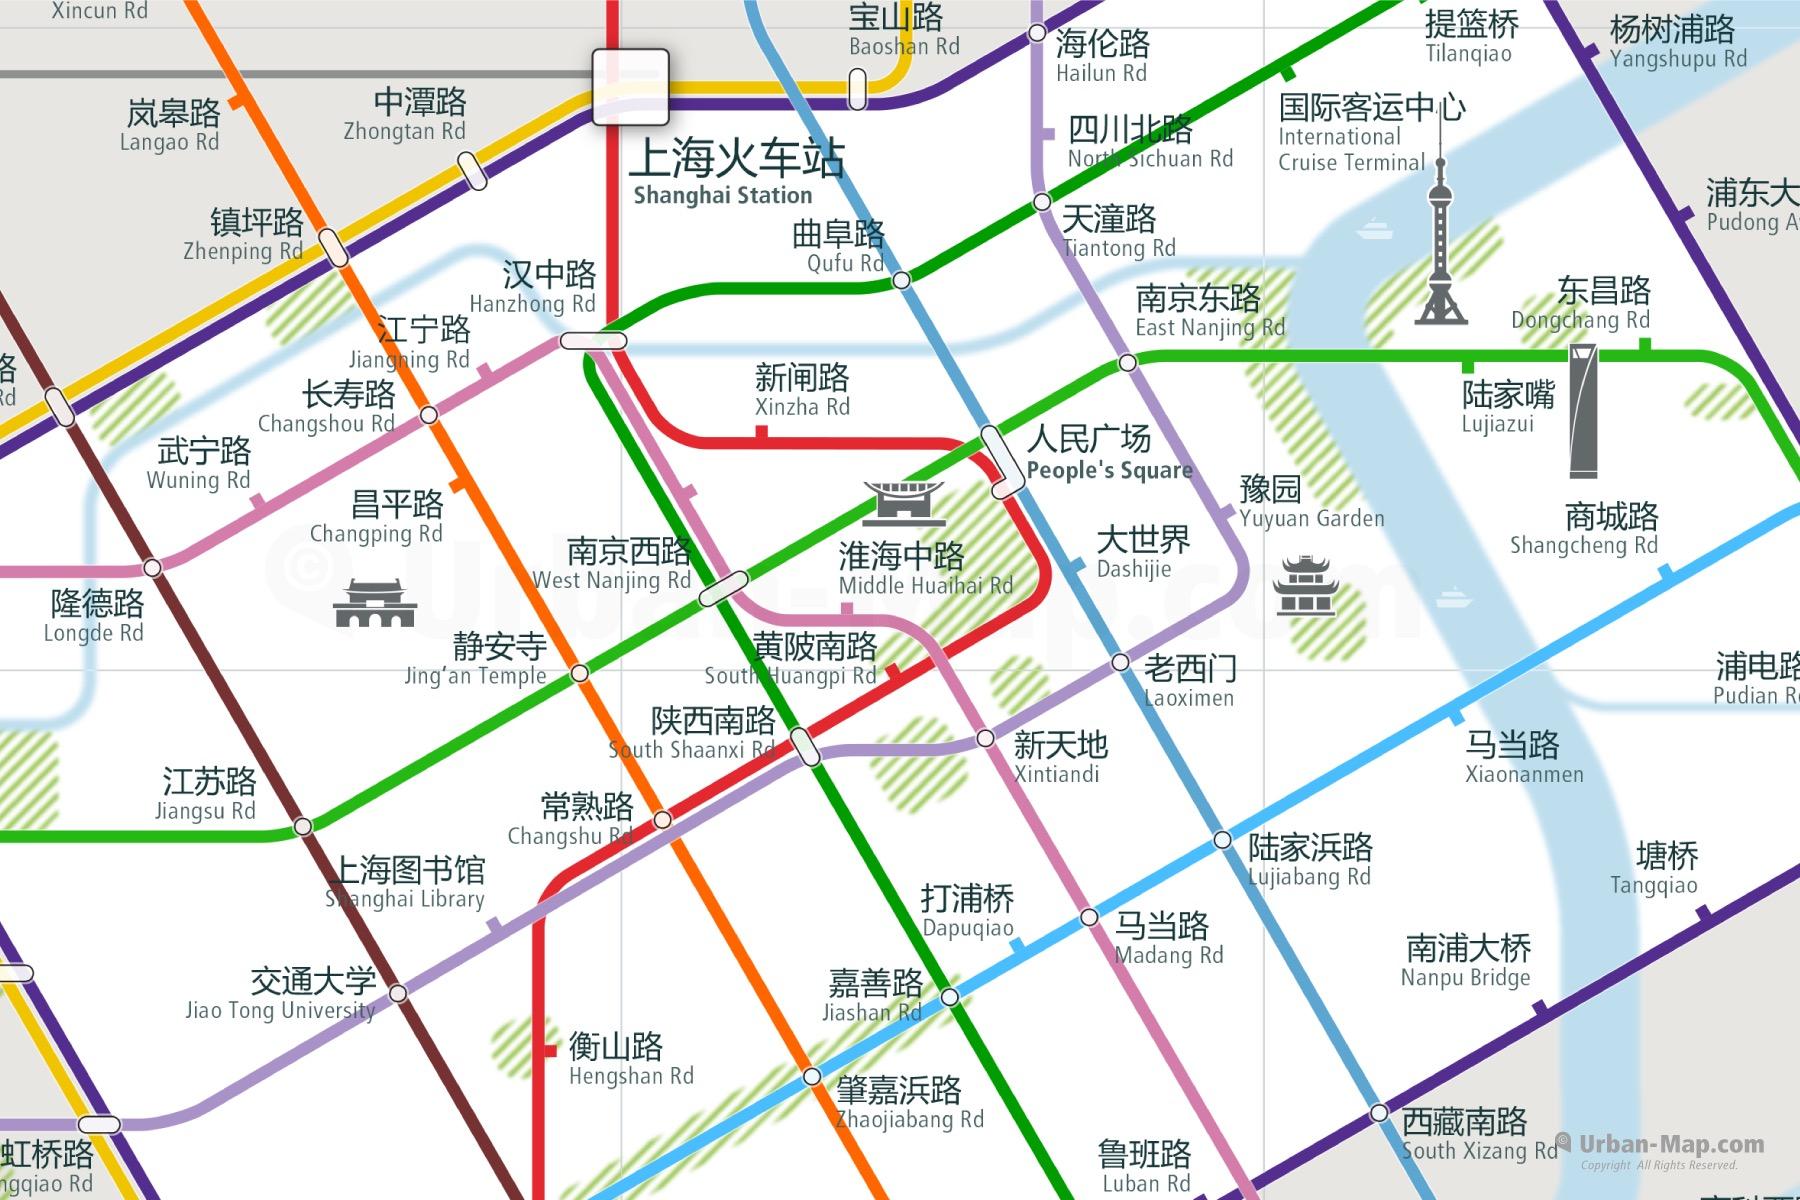 Shanghai Rail Map A Smart City Map Even Offline